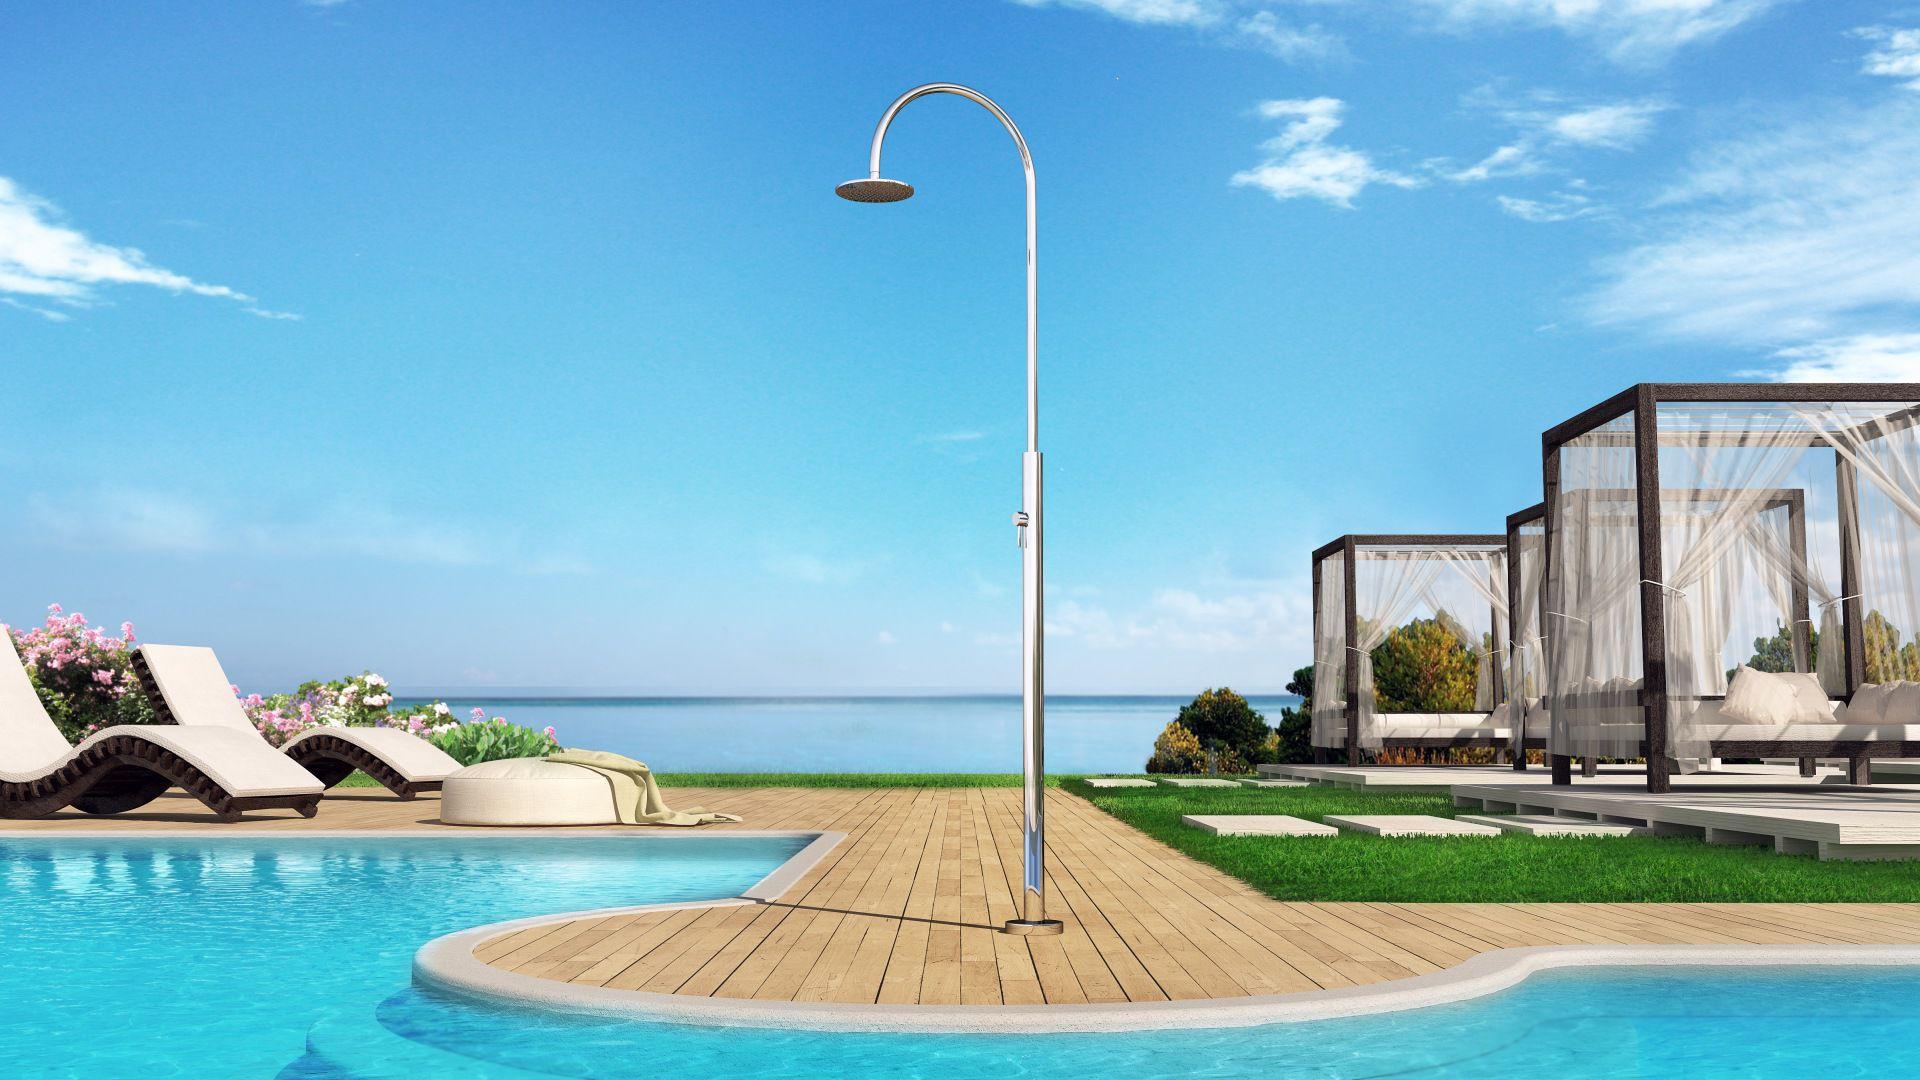 Doccia da esterno per piscina in acciaio inossidabile aria